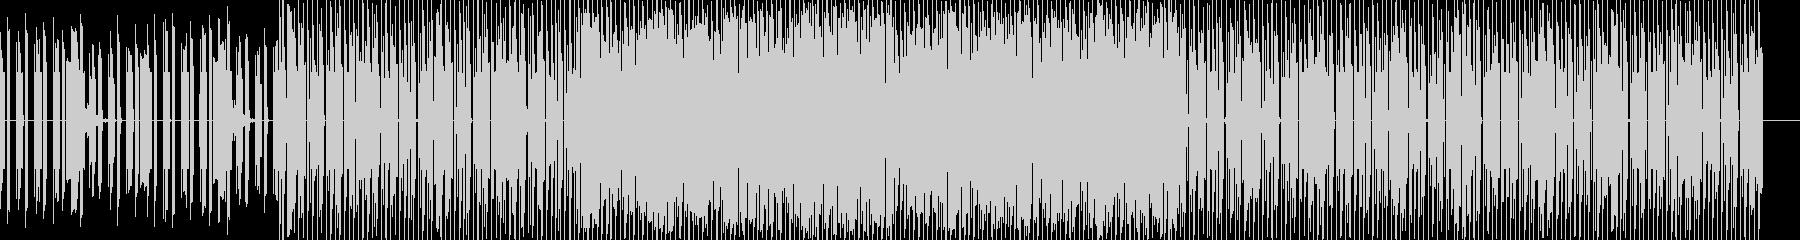 企業VR 科学 CM クイズ系 テクノの未再生の波形